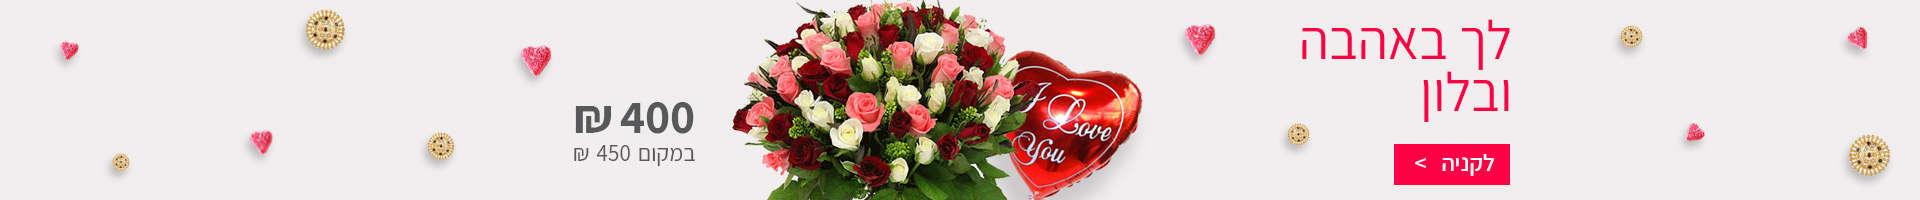 לך באהבה מבצע - שדה פרחים משלוחי פרחים